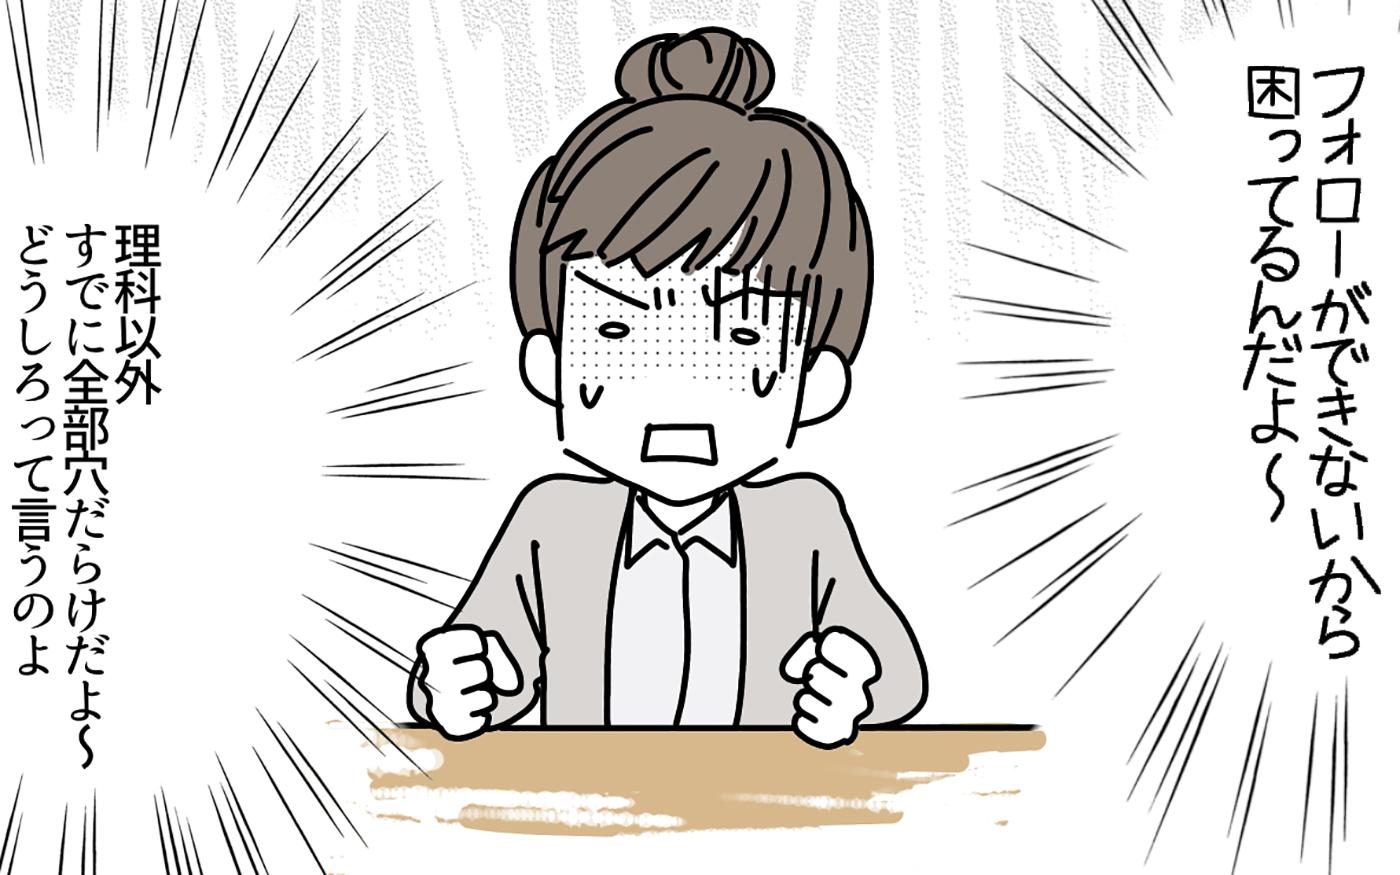 中受の勉強内容が難しすぎてフォローできない…/子どもを追い詰める親・由井家の場合(2)